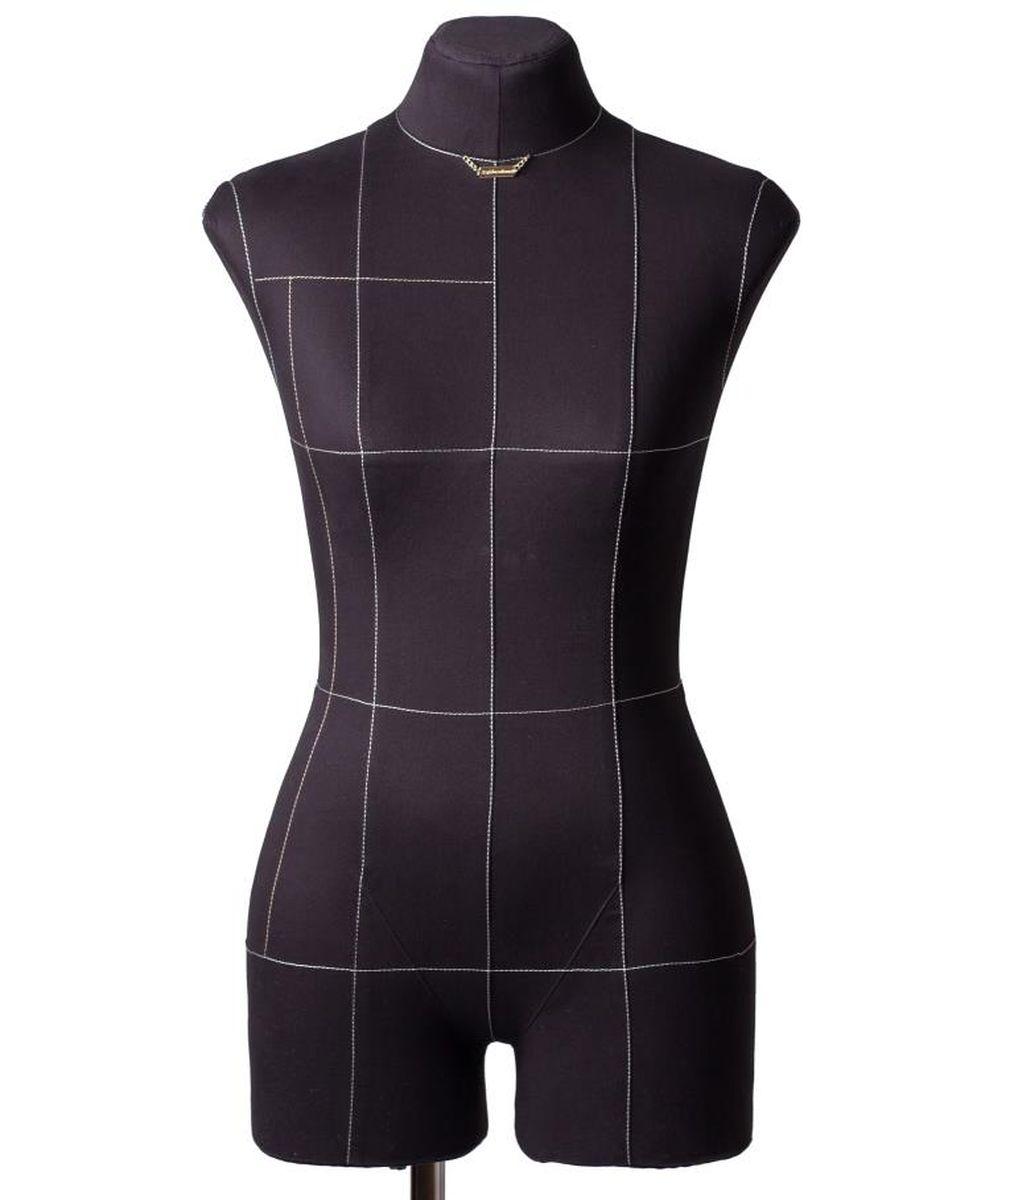 Манекен портновский Royal Dress forms Monica, с подставкой, женский, цвет: черный. Размер 504607824123500Портновский манекен, с удобной подставкой и детальными формами человеческого тела. Манекен прочен и удобен. Его основные преимущества: манекен имеет конструкторские линии, которые незаменимы при конструировании одежды; манекен не боится высоких температур, поэтому на нем можно отпаривать одежду, не боясь за деформацию основы; можно накалывать изделия булавками; можно сжимать, чтобы надеть нерастяжимые изделия; не боится падений и сколов. Дополнительно возможно присоединять к манекену руки. Они приобретаются отдельно. Основа манекена выполнена из эластичного полимерного материала. Обтяжка 100 % хлопок, съемная, предлагается в двух вариантах: бежевый и черный. Подставка «Милан» идет в комплекте с манекеном! Подставка с четырьмя ножками на калесах со стопорными фиксаторами. Размерный ряд (2-ая полнотная группа). Размер 50: Объем груди- 100 см, Объем талии- 81 см, Объем бедер-108 см